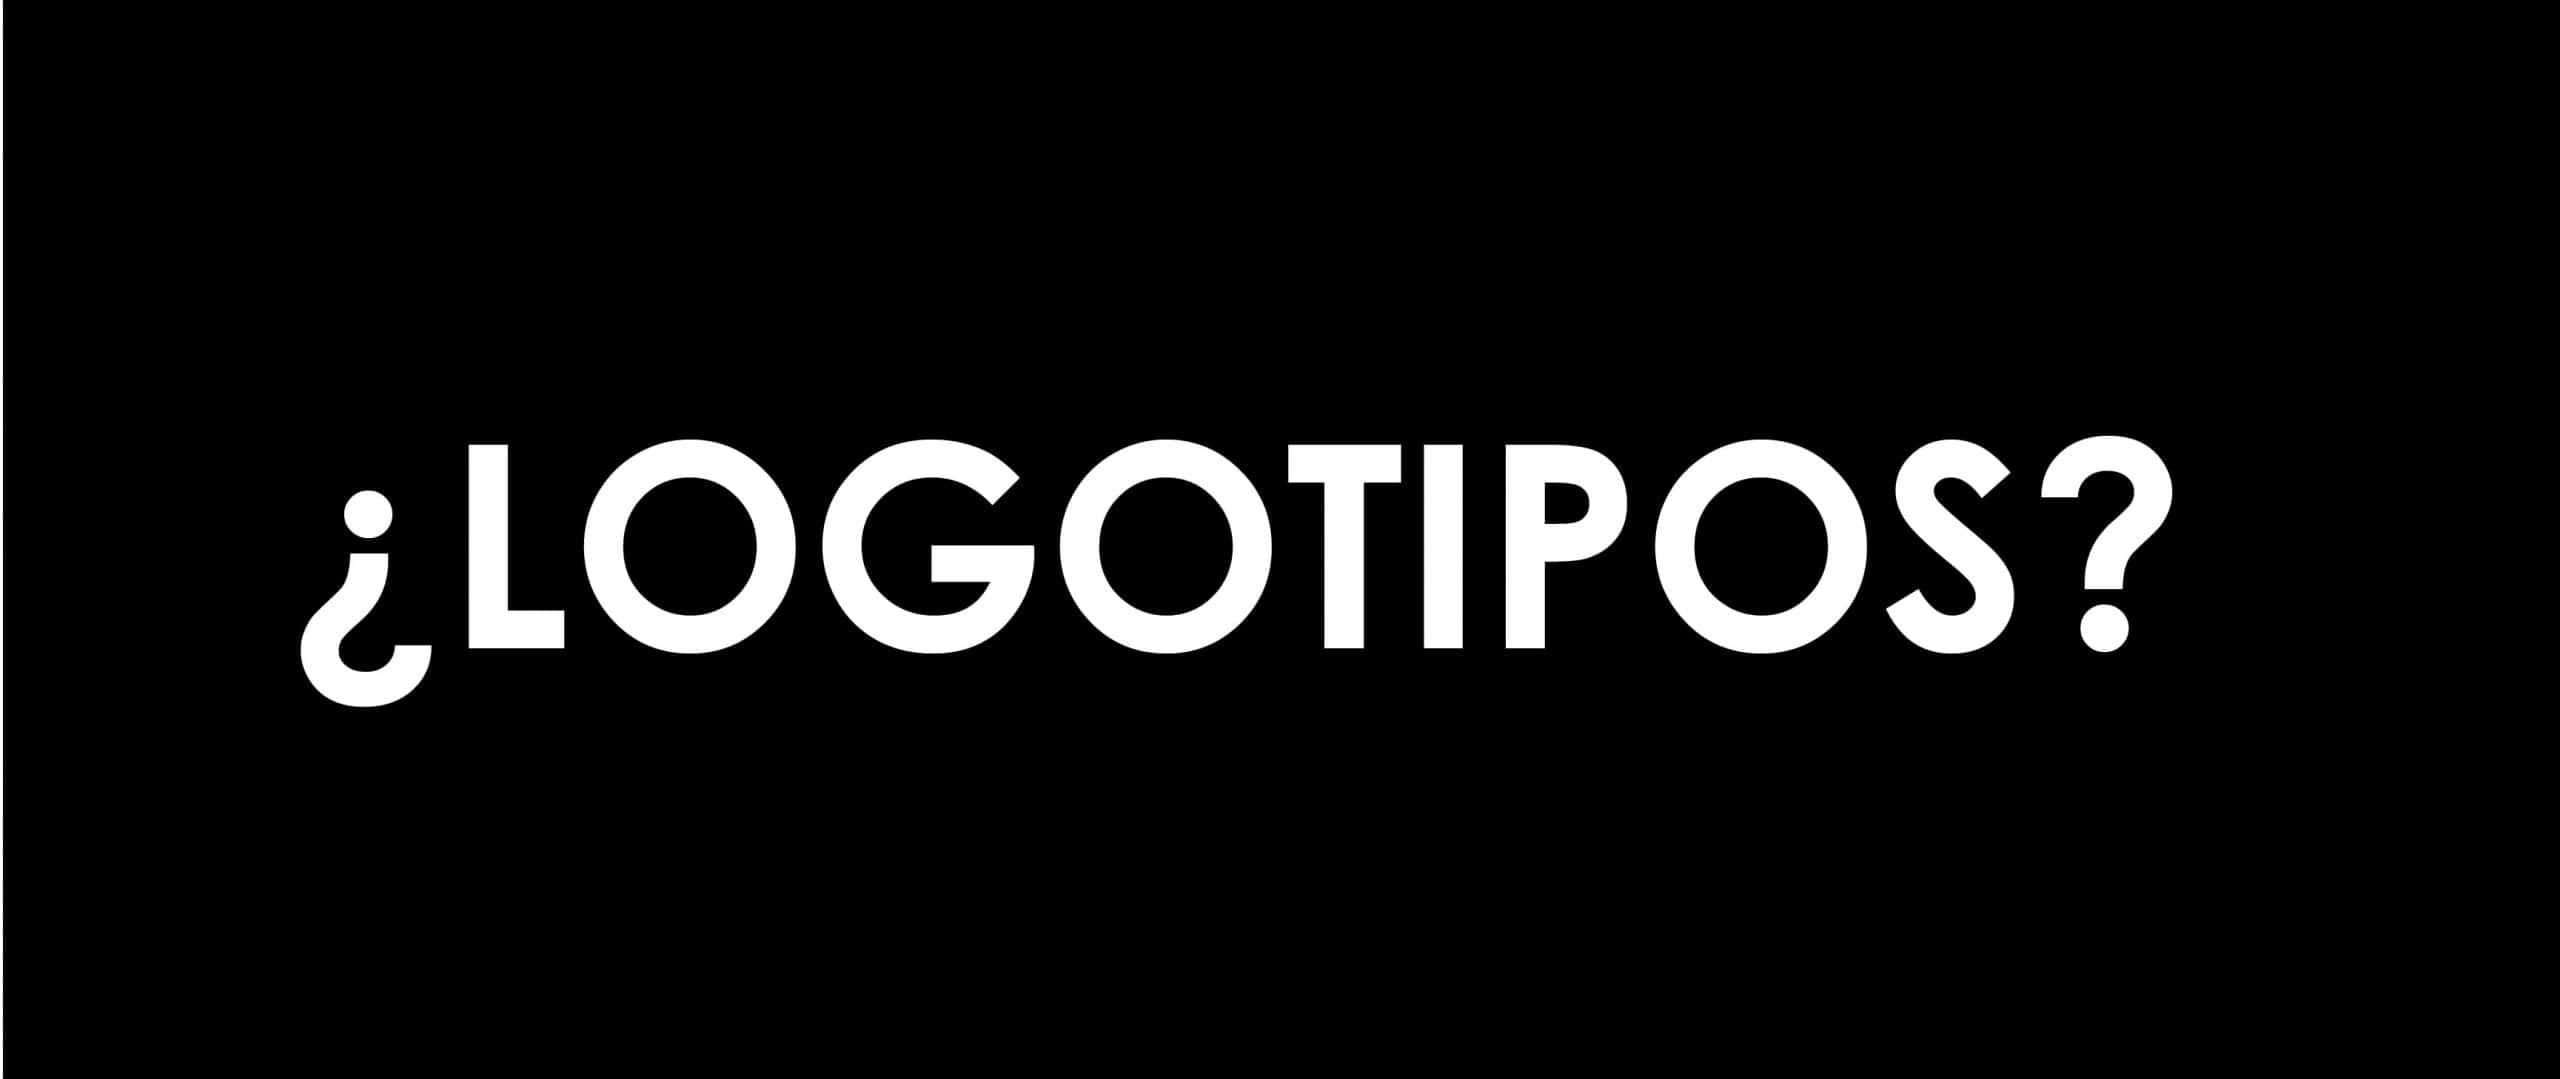 Logotipo es solo tipografía.